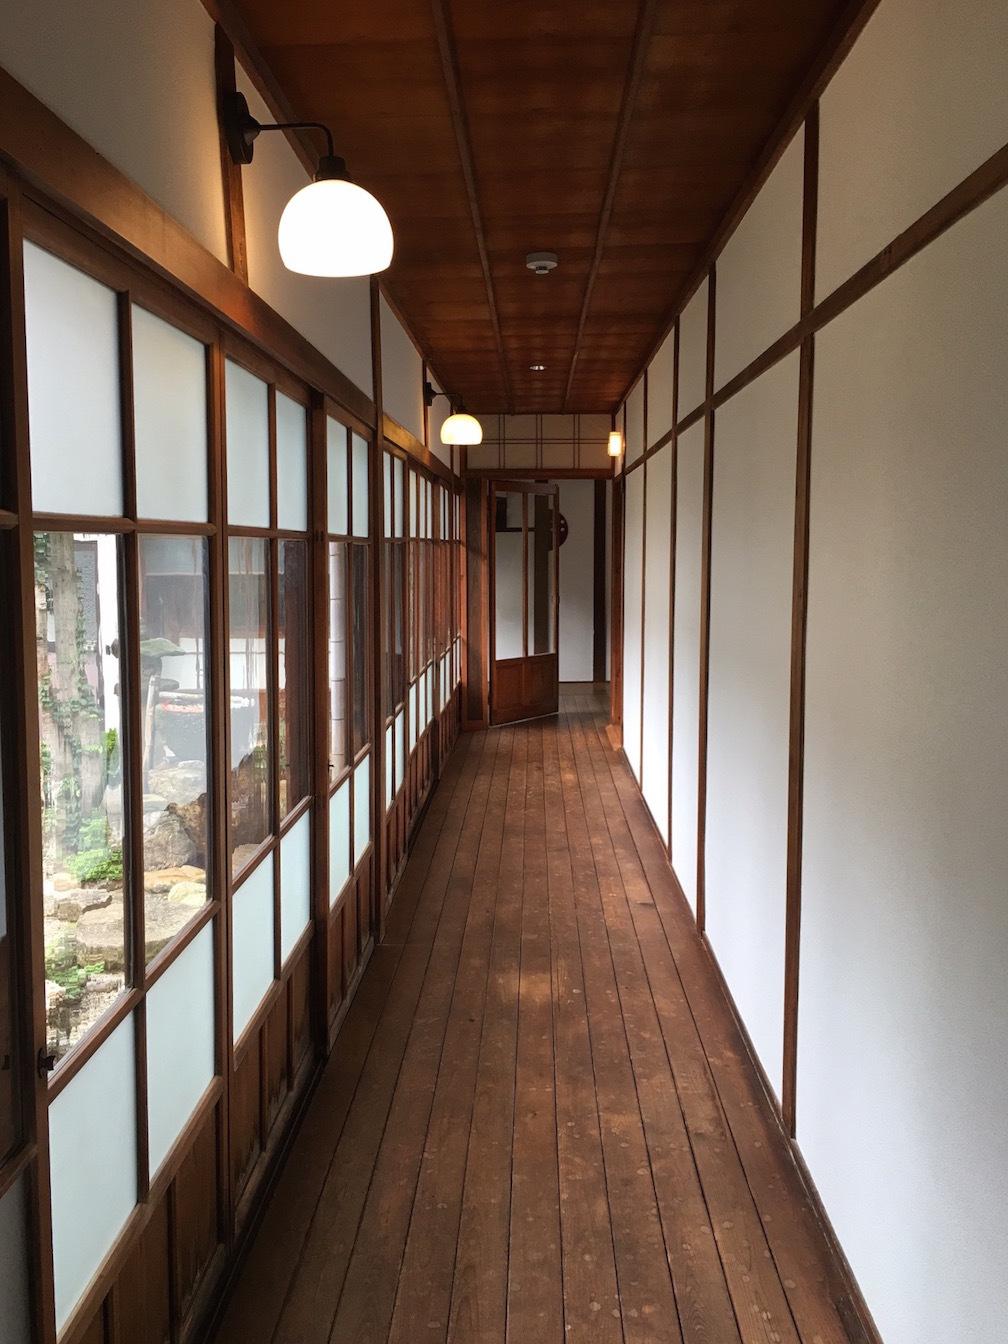 日本の旅、その3、井筒楼/ Japan Trip 3, Izutsuro_e0310424_18134818.jpg